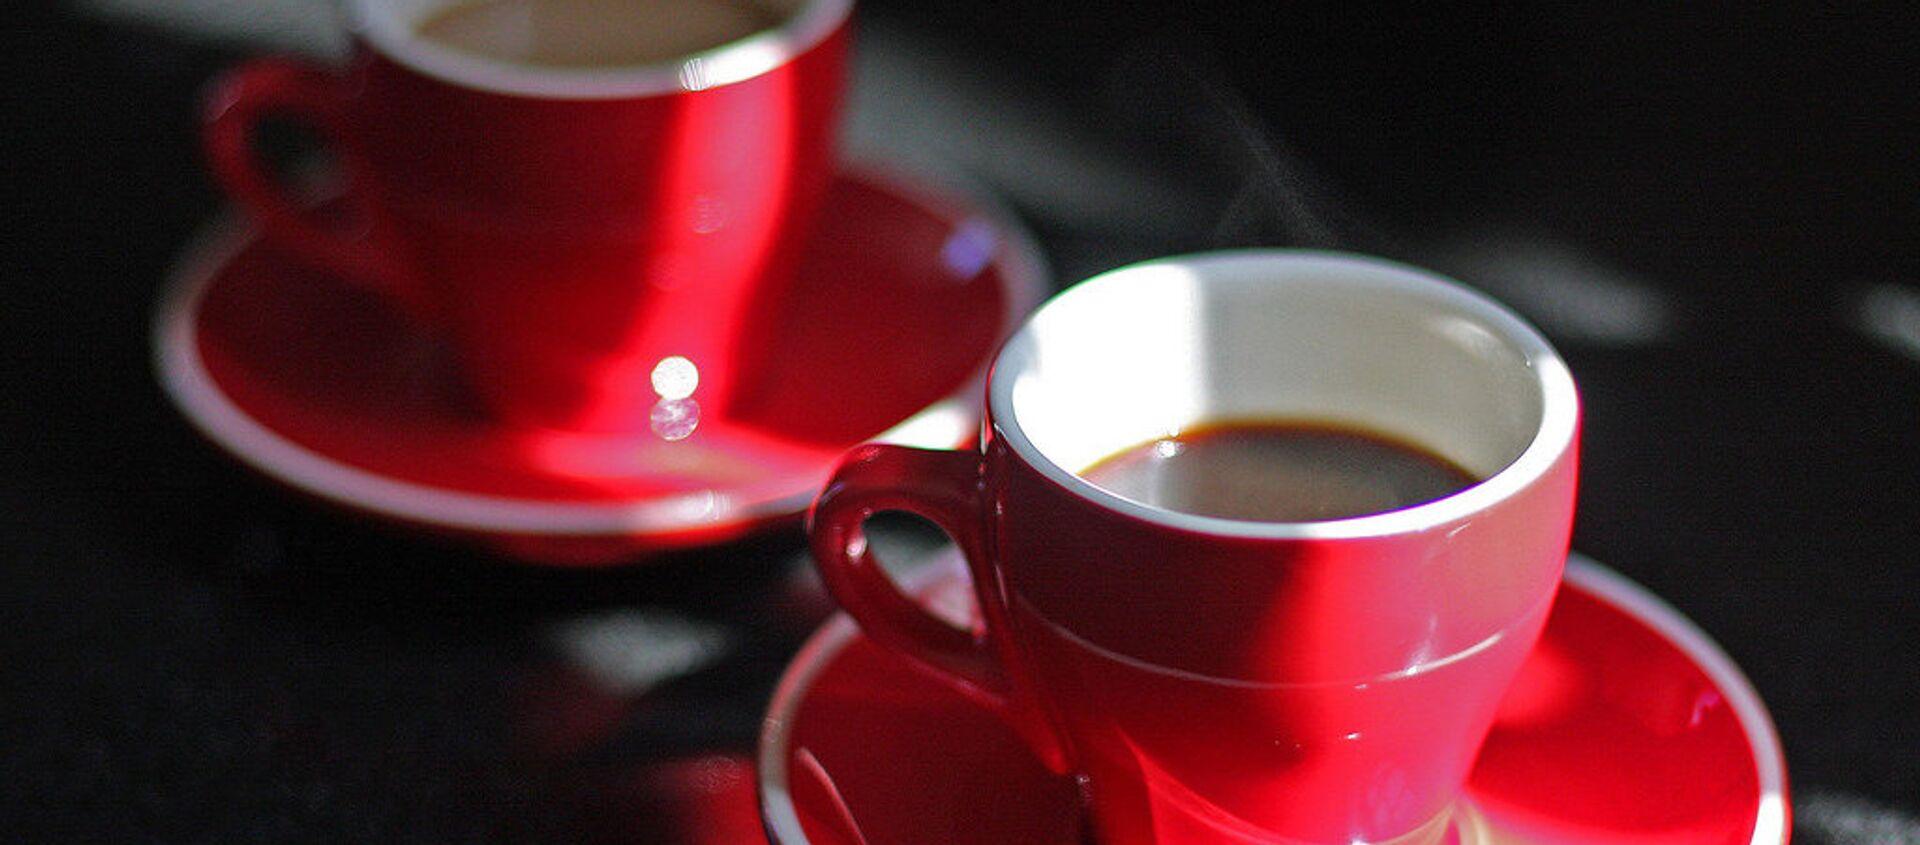 コーヒー - Sputnik 日本, 1920, 18.02.2021